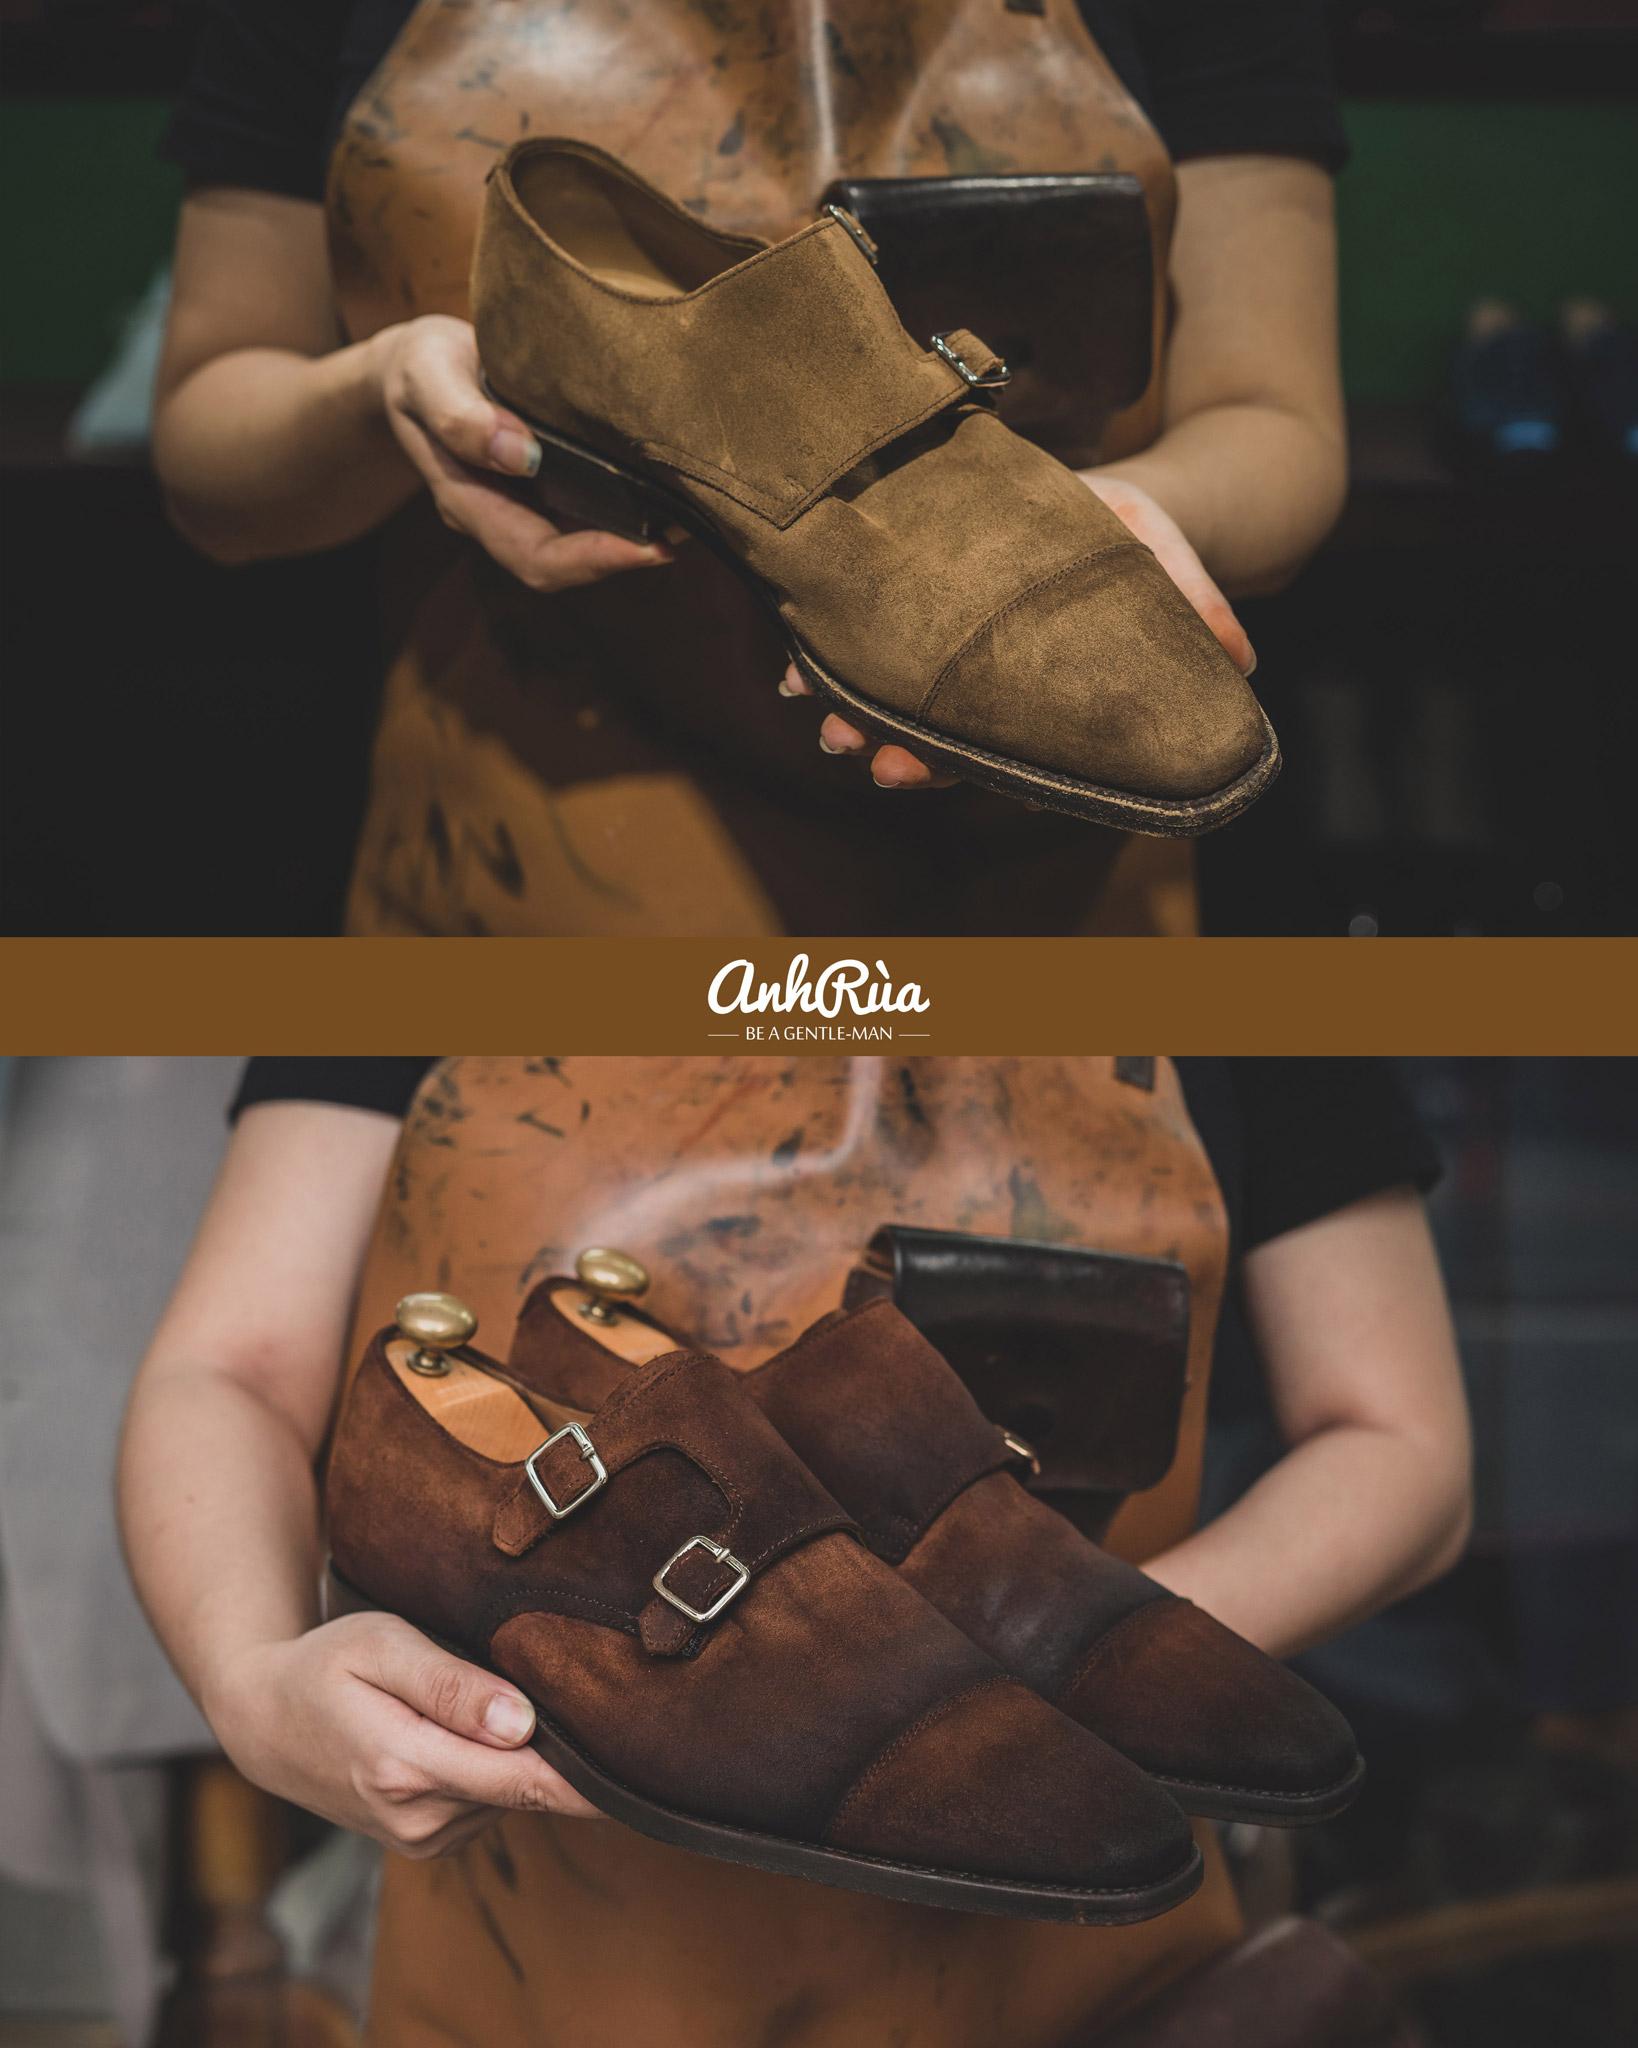 Shading patina bởi Anh Rùa store trên đôi double monkstrap Regal